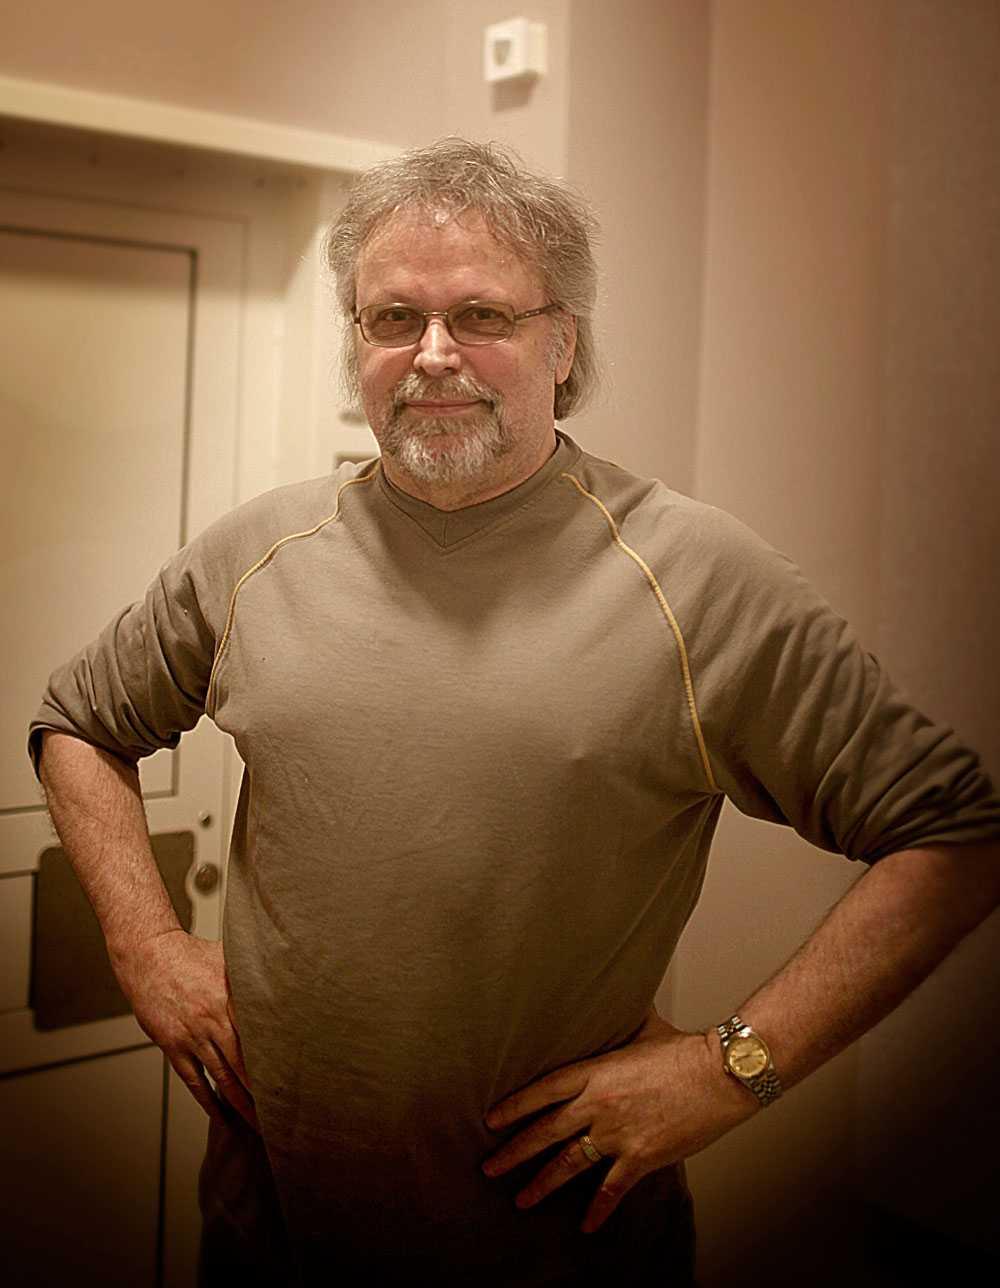 Clark Olofsson, inne på Kumlaanstaltens säkerhetsavdelning Fenix.